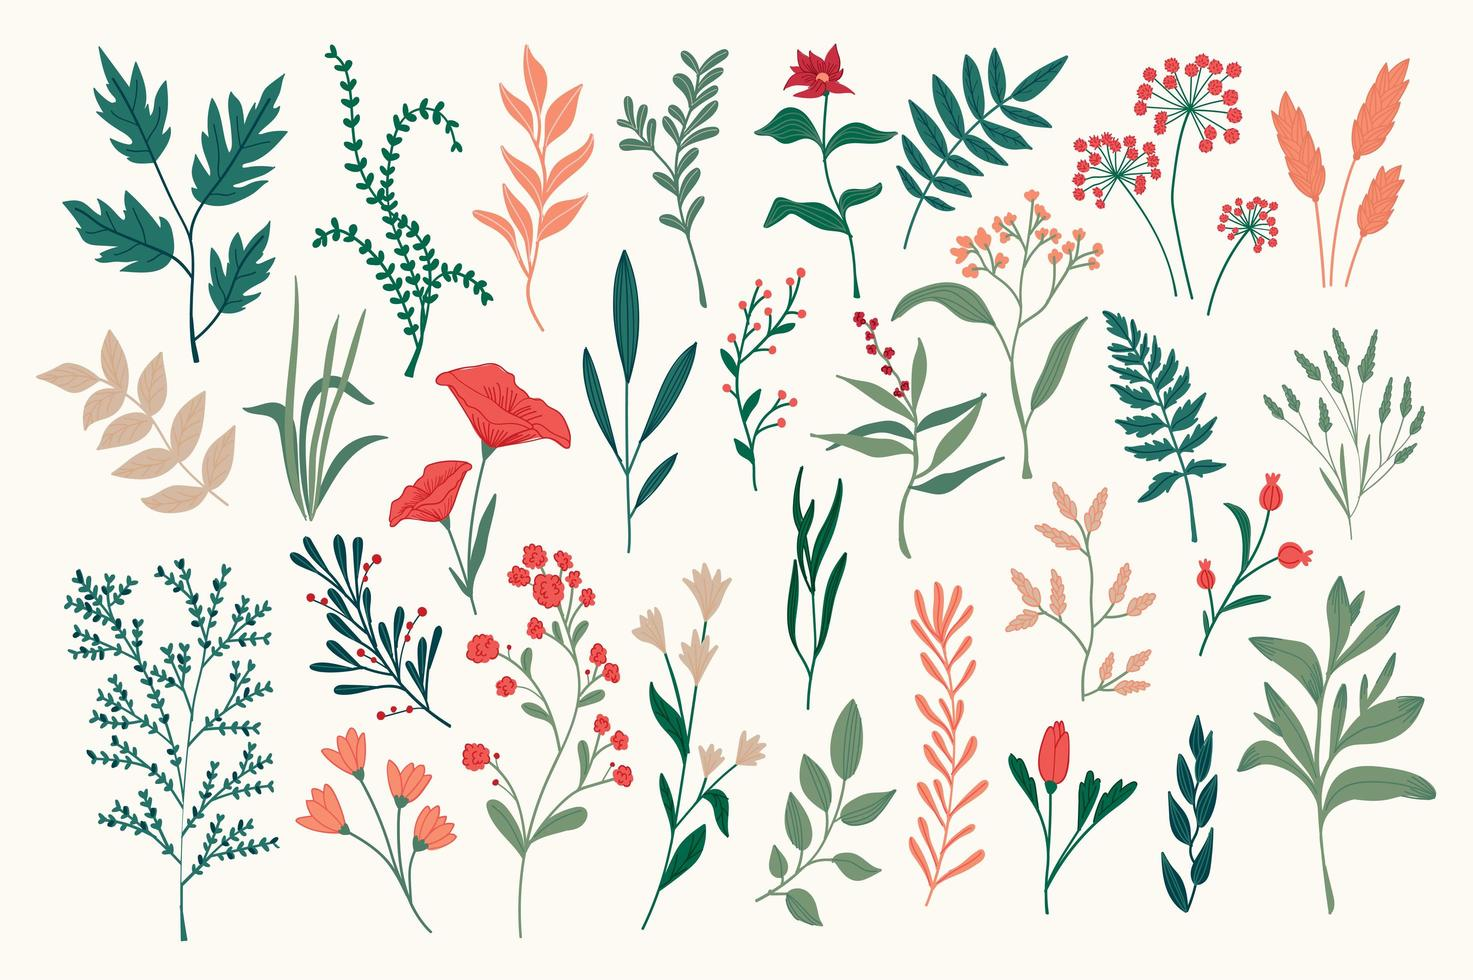 handgezeichnete Blumenobjekte gesetzt vektor